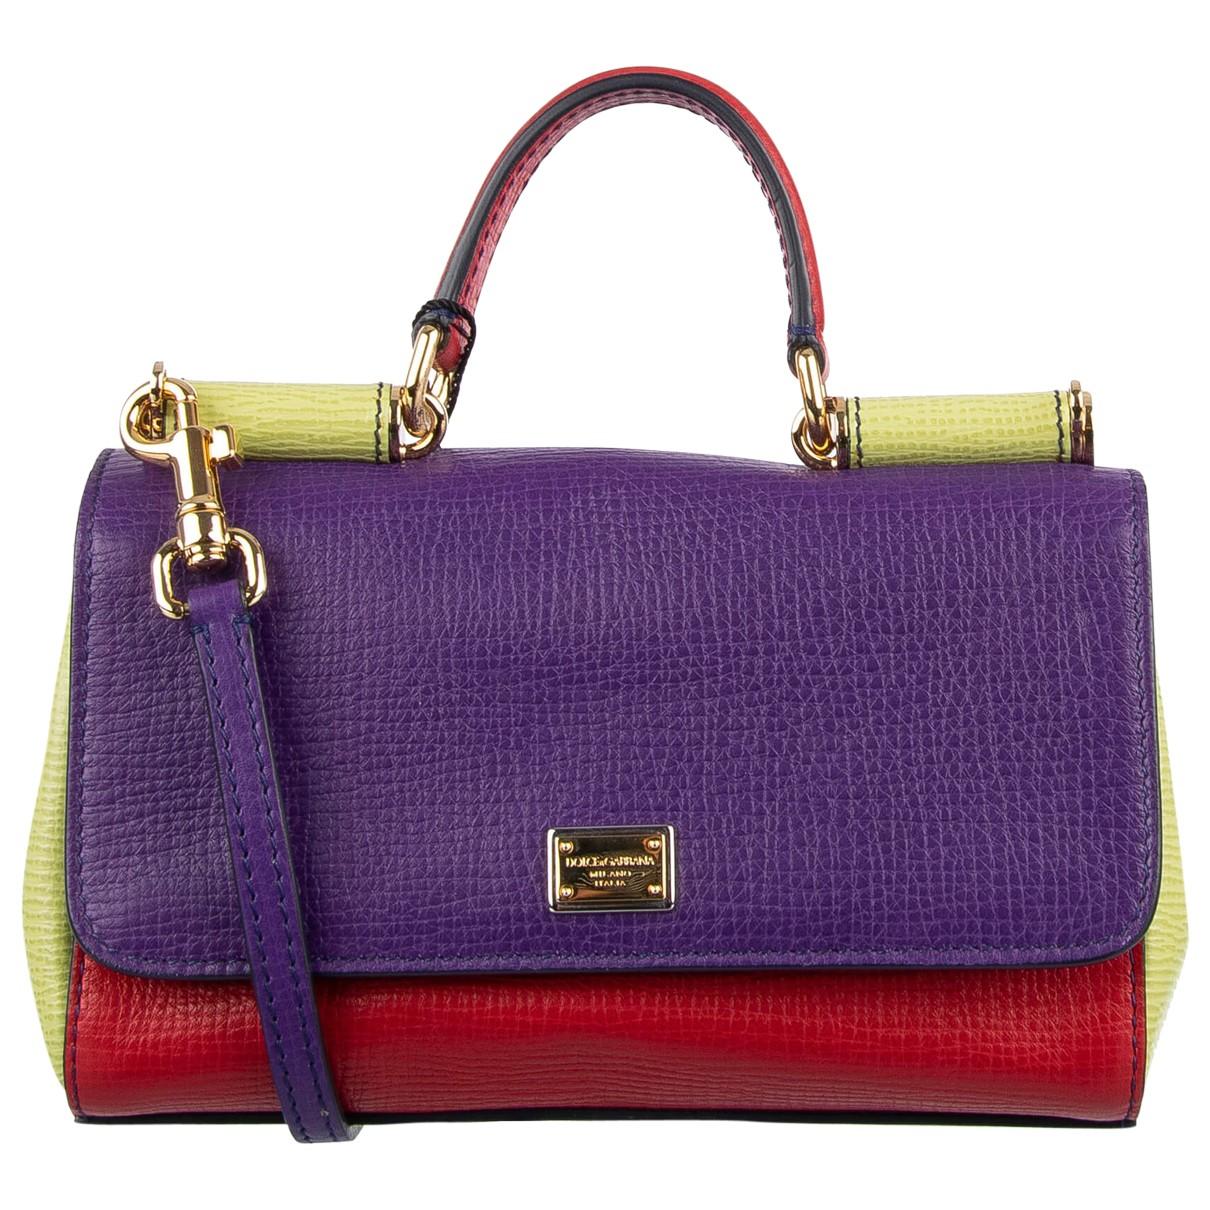 Dolce & Gabbana - Sac a main Sicily pour femme en cuir - violet